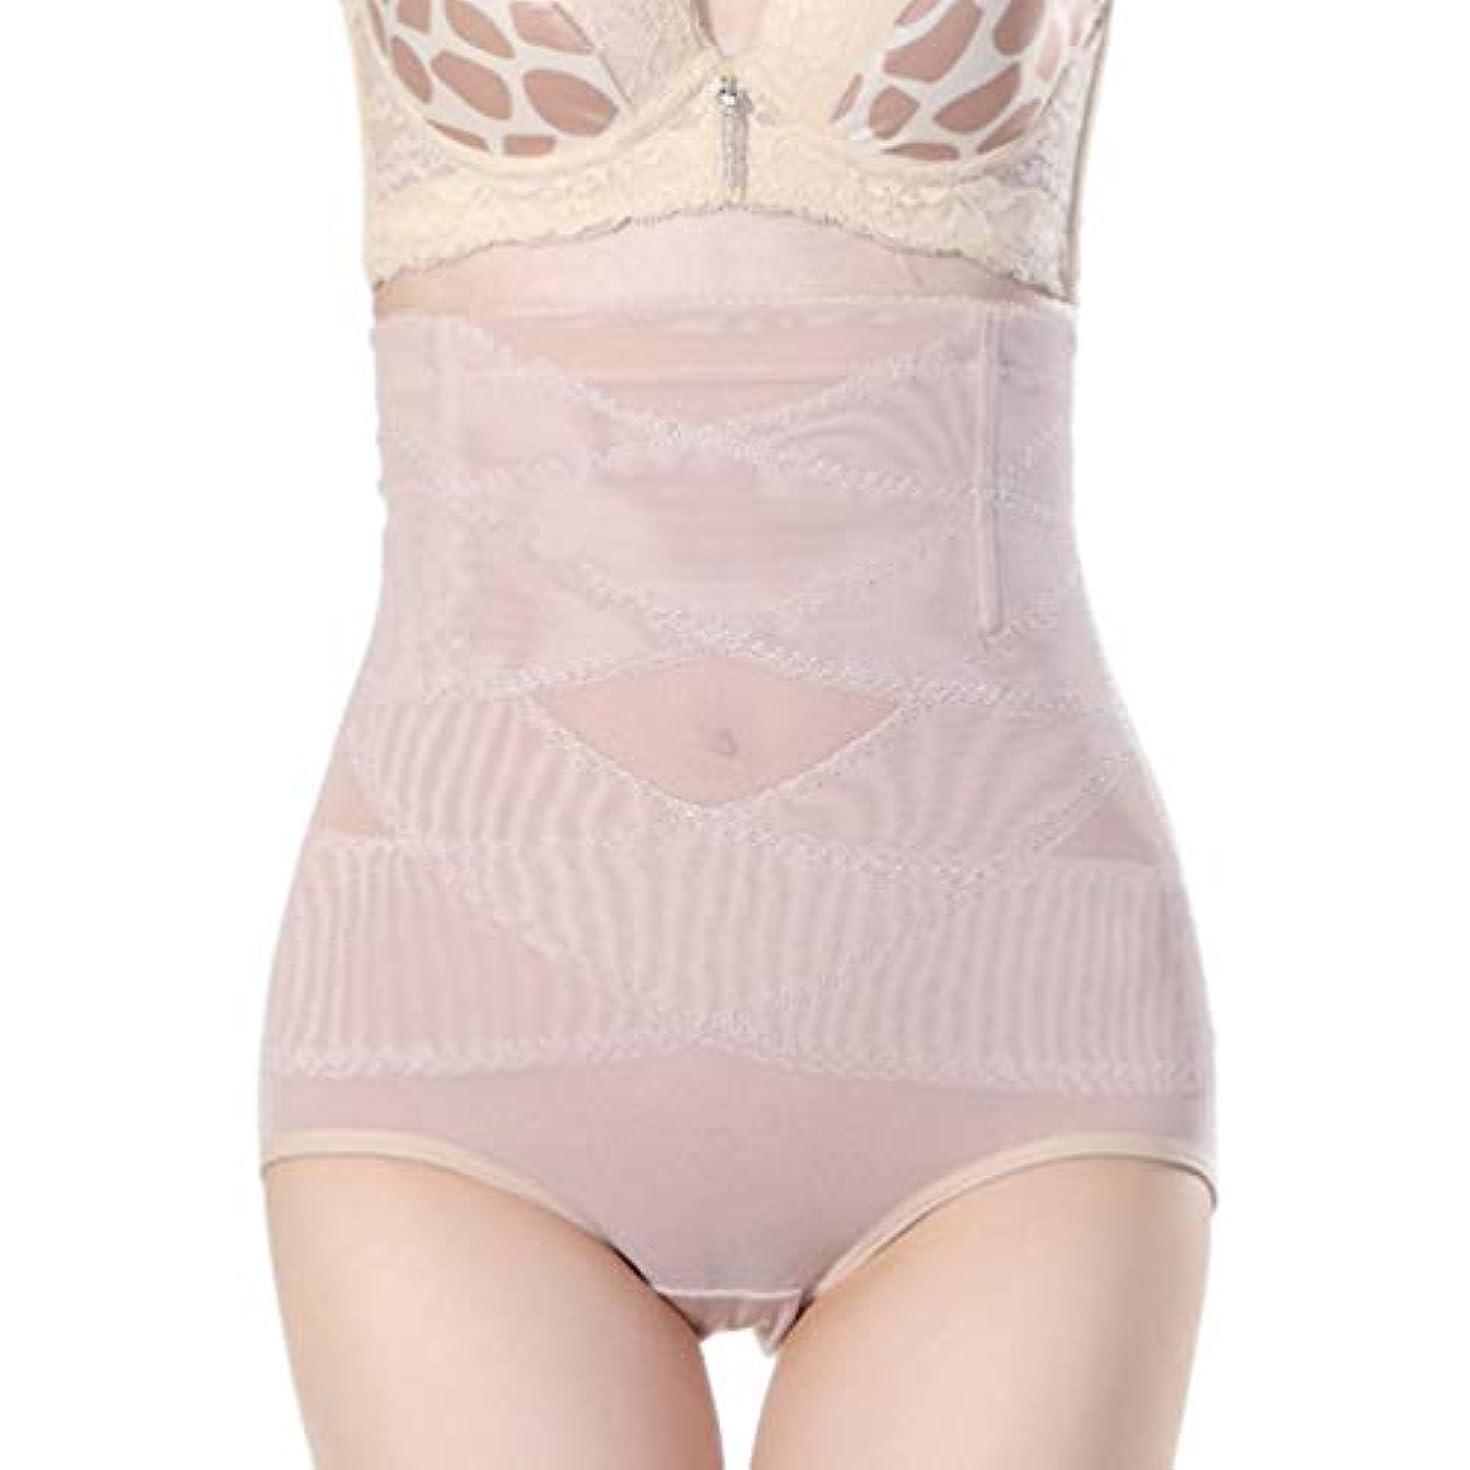 大使館さびたマークされた腹部制御下着シームレスおなかコントロールパンティーバットリフターボディシェイパーを痩身通気性のハイウエストの女性 - 肌色3 XL